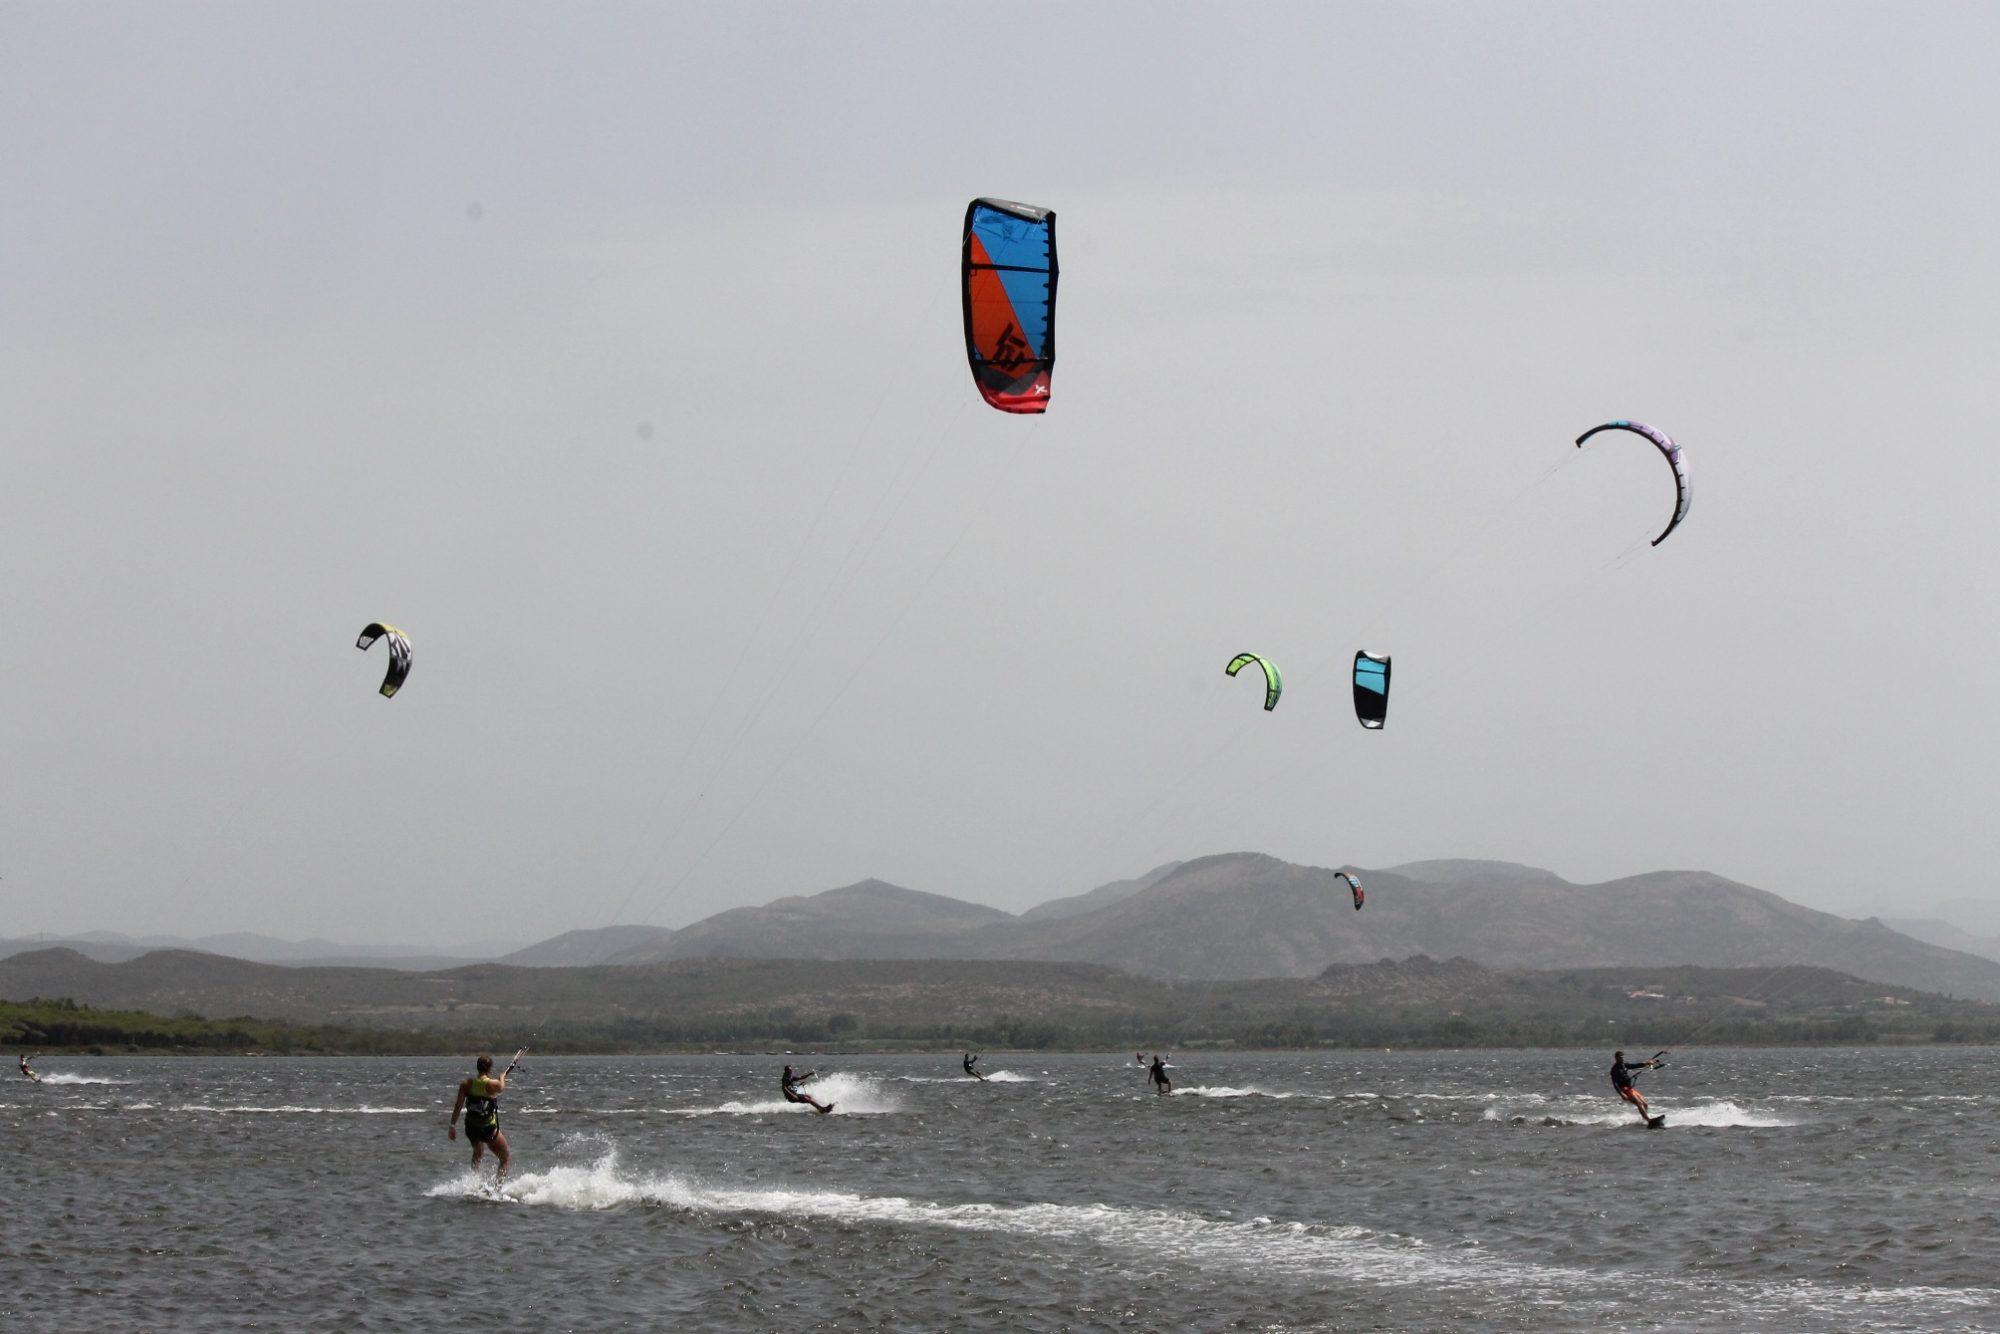 Sardinia Kitesurfing Seasona Kitesurfing Sardinia in October, September, August, July, June, May, April, March